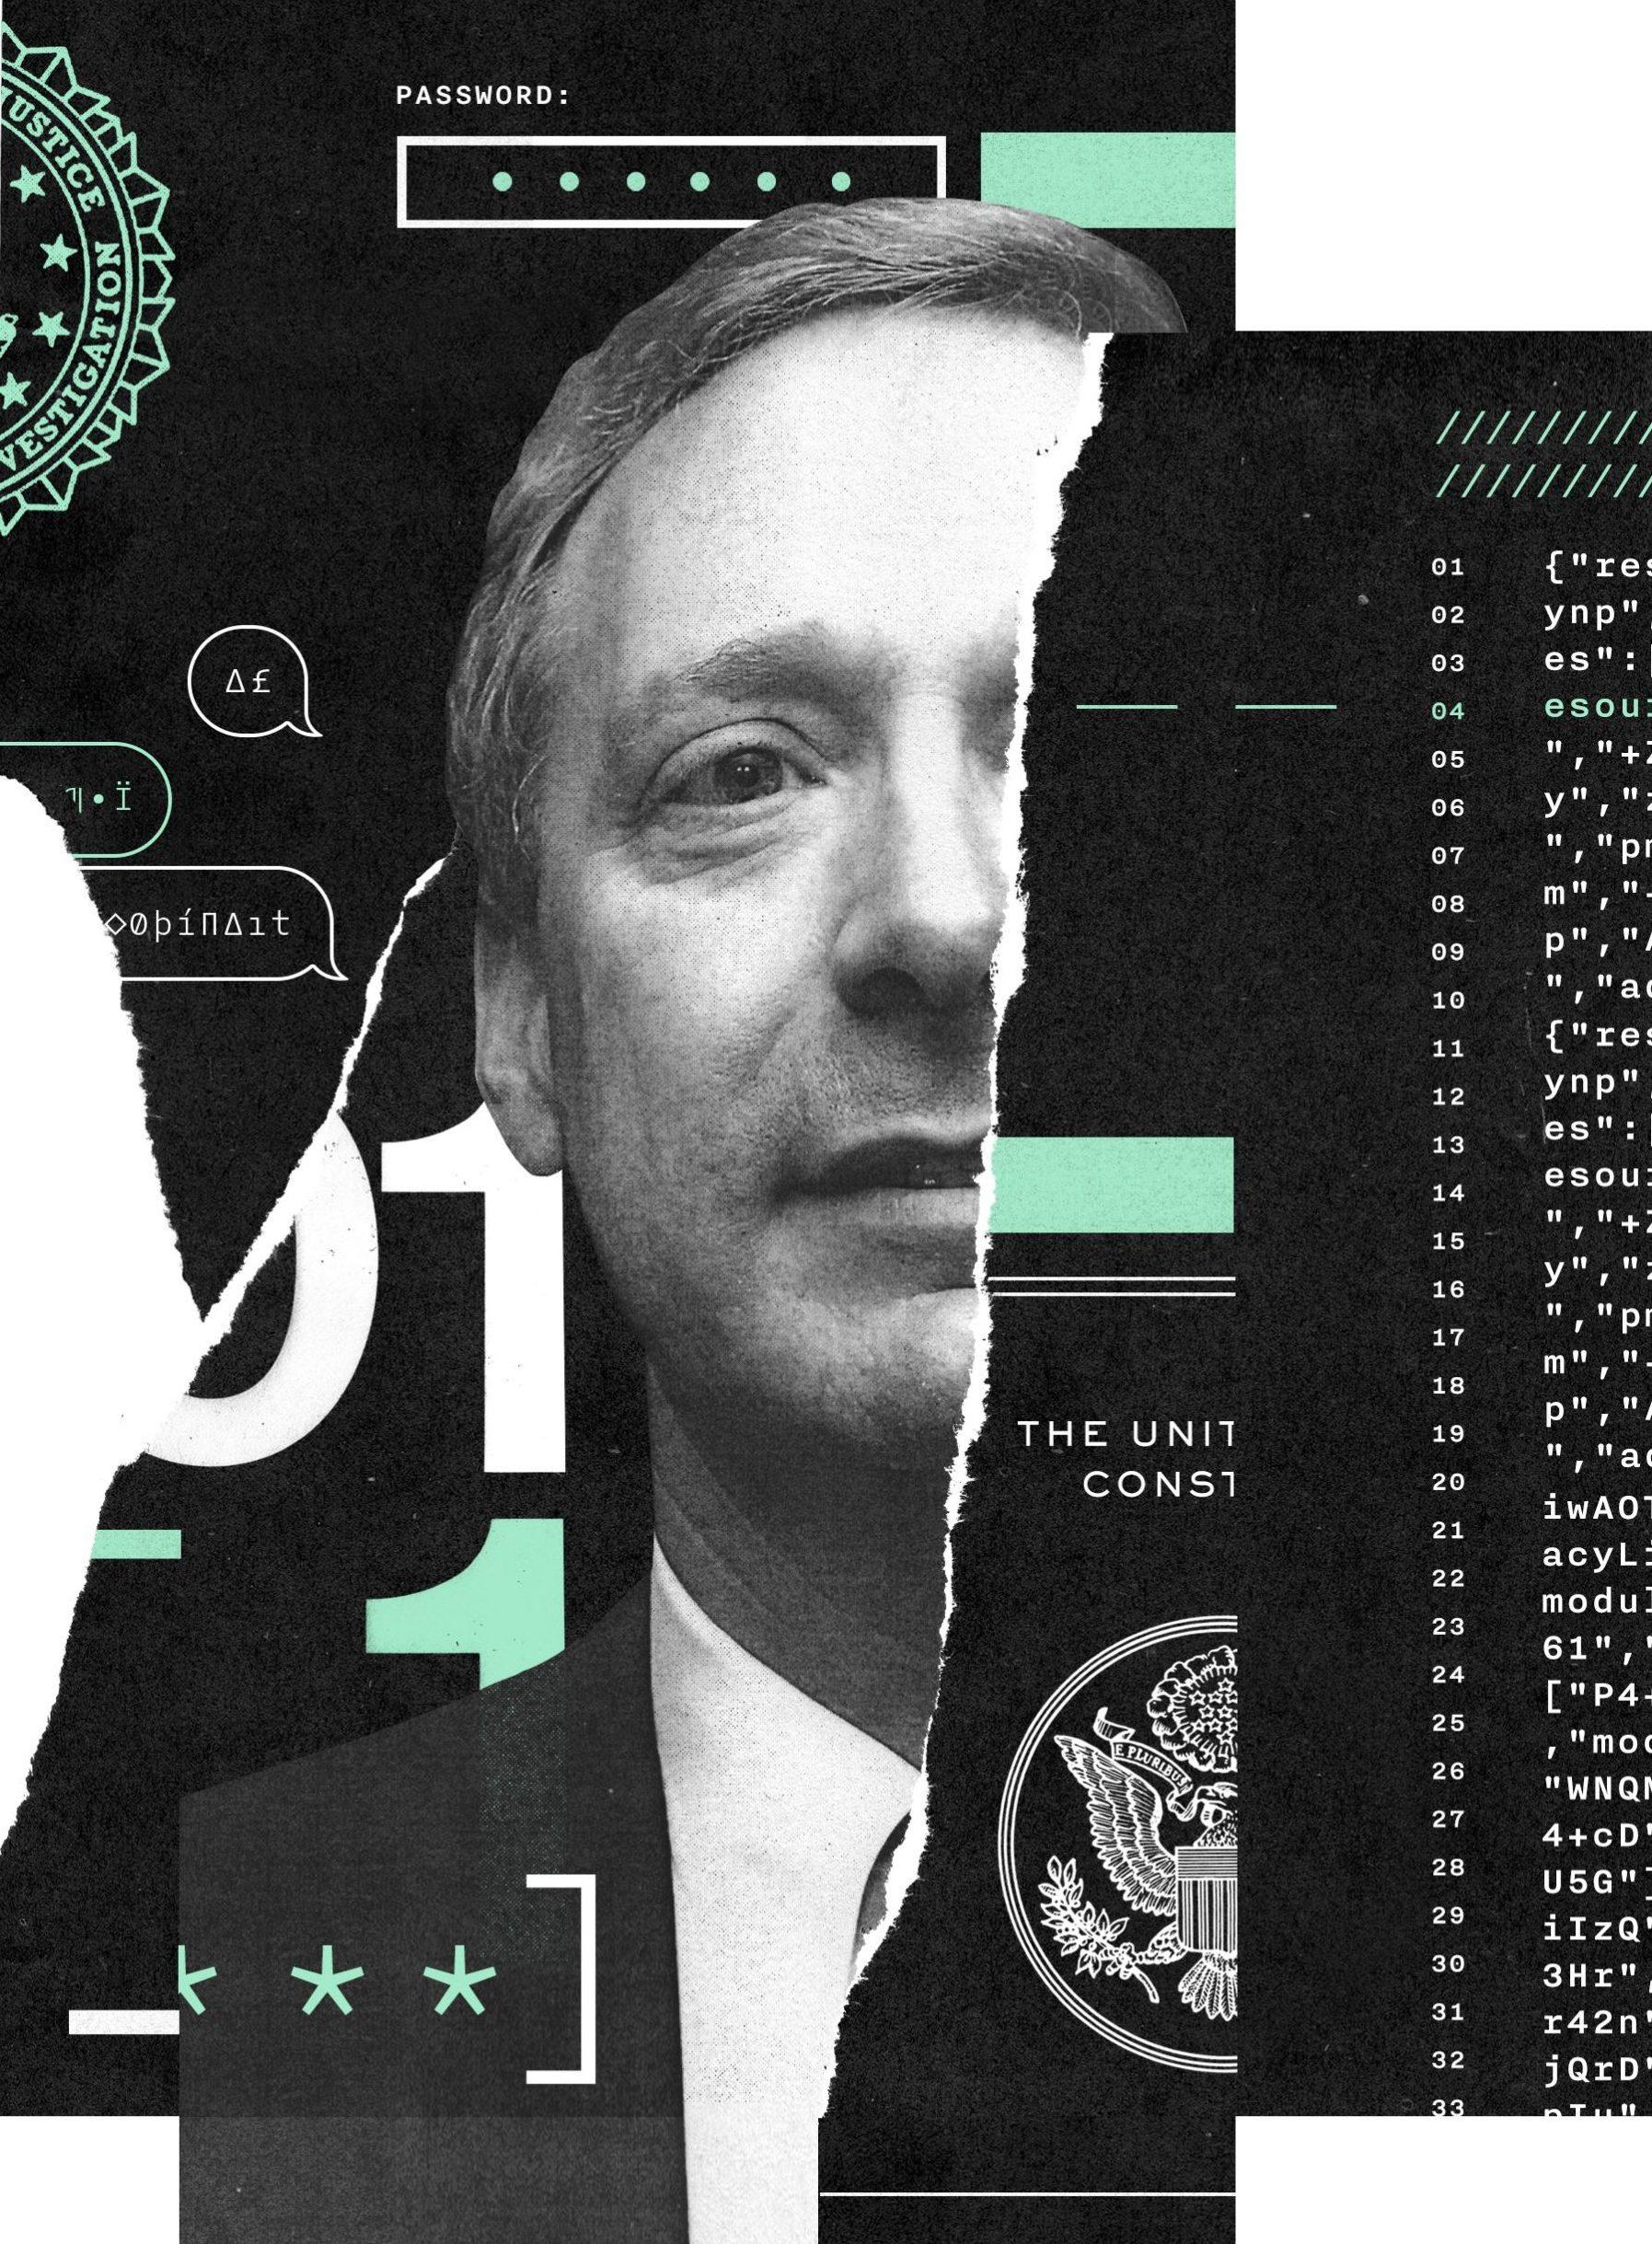 マイクロソフト社長、プライバシー保護の守護神